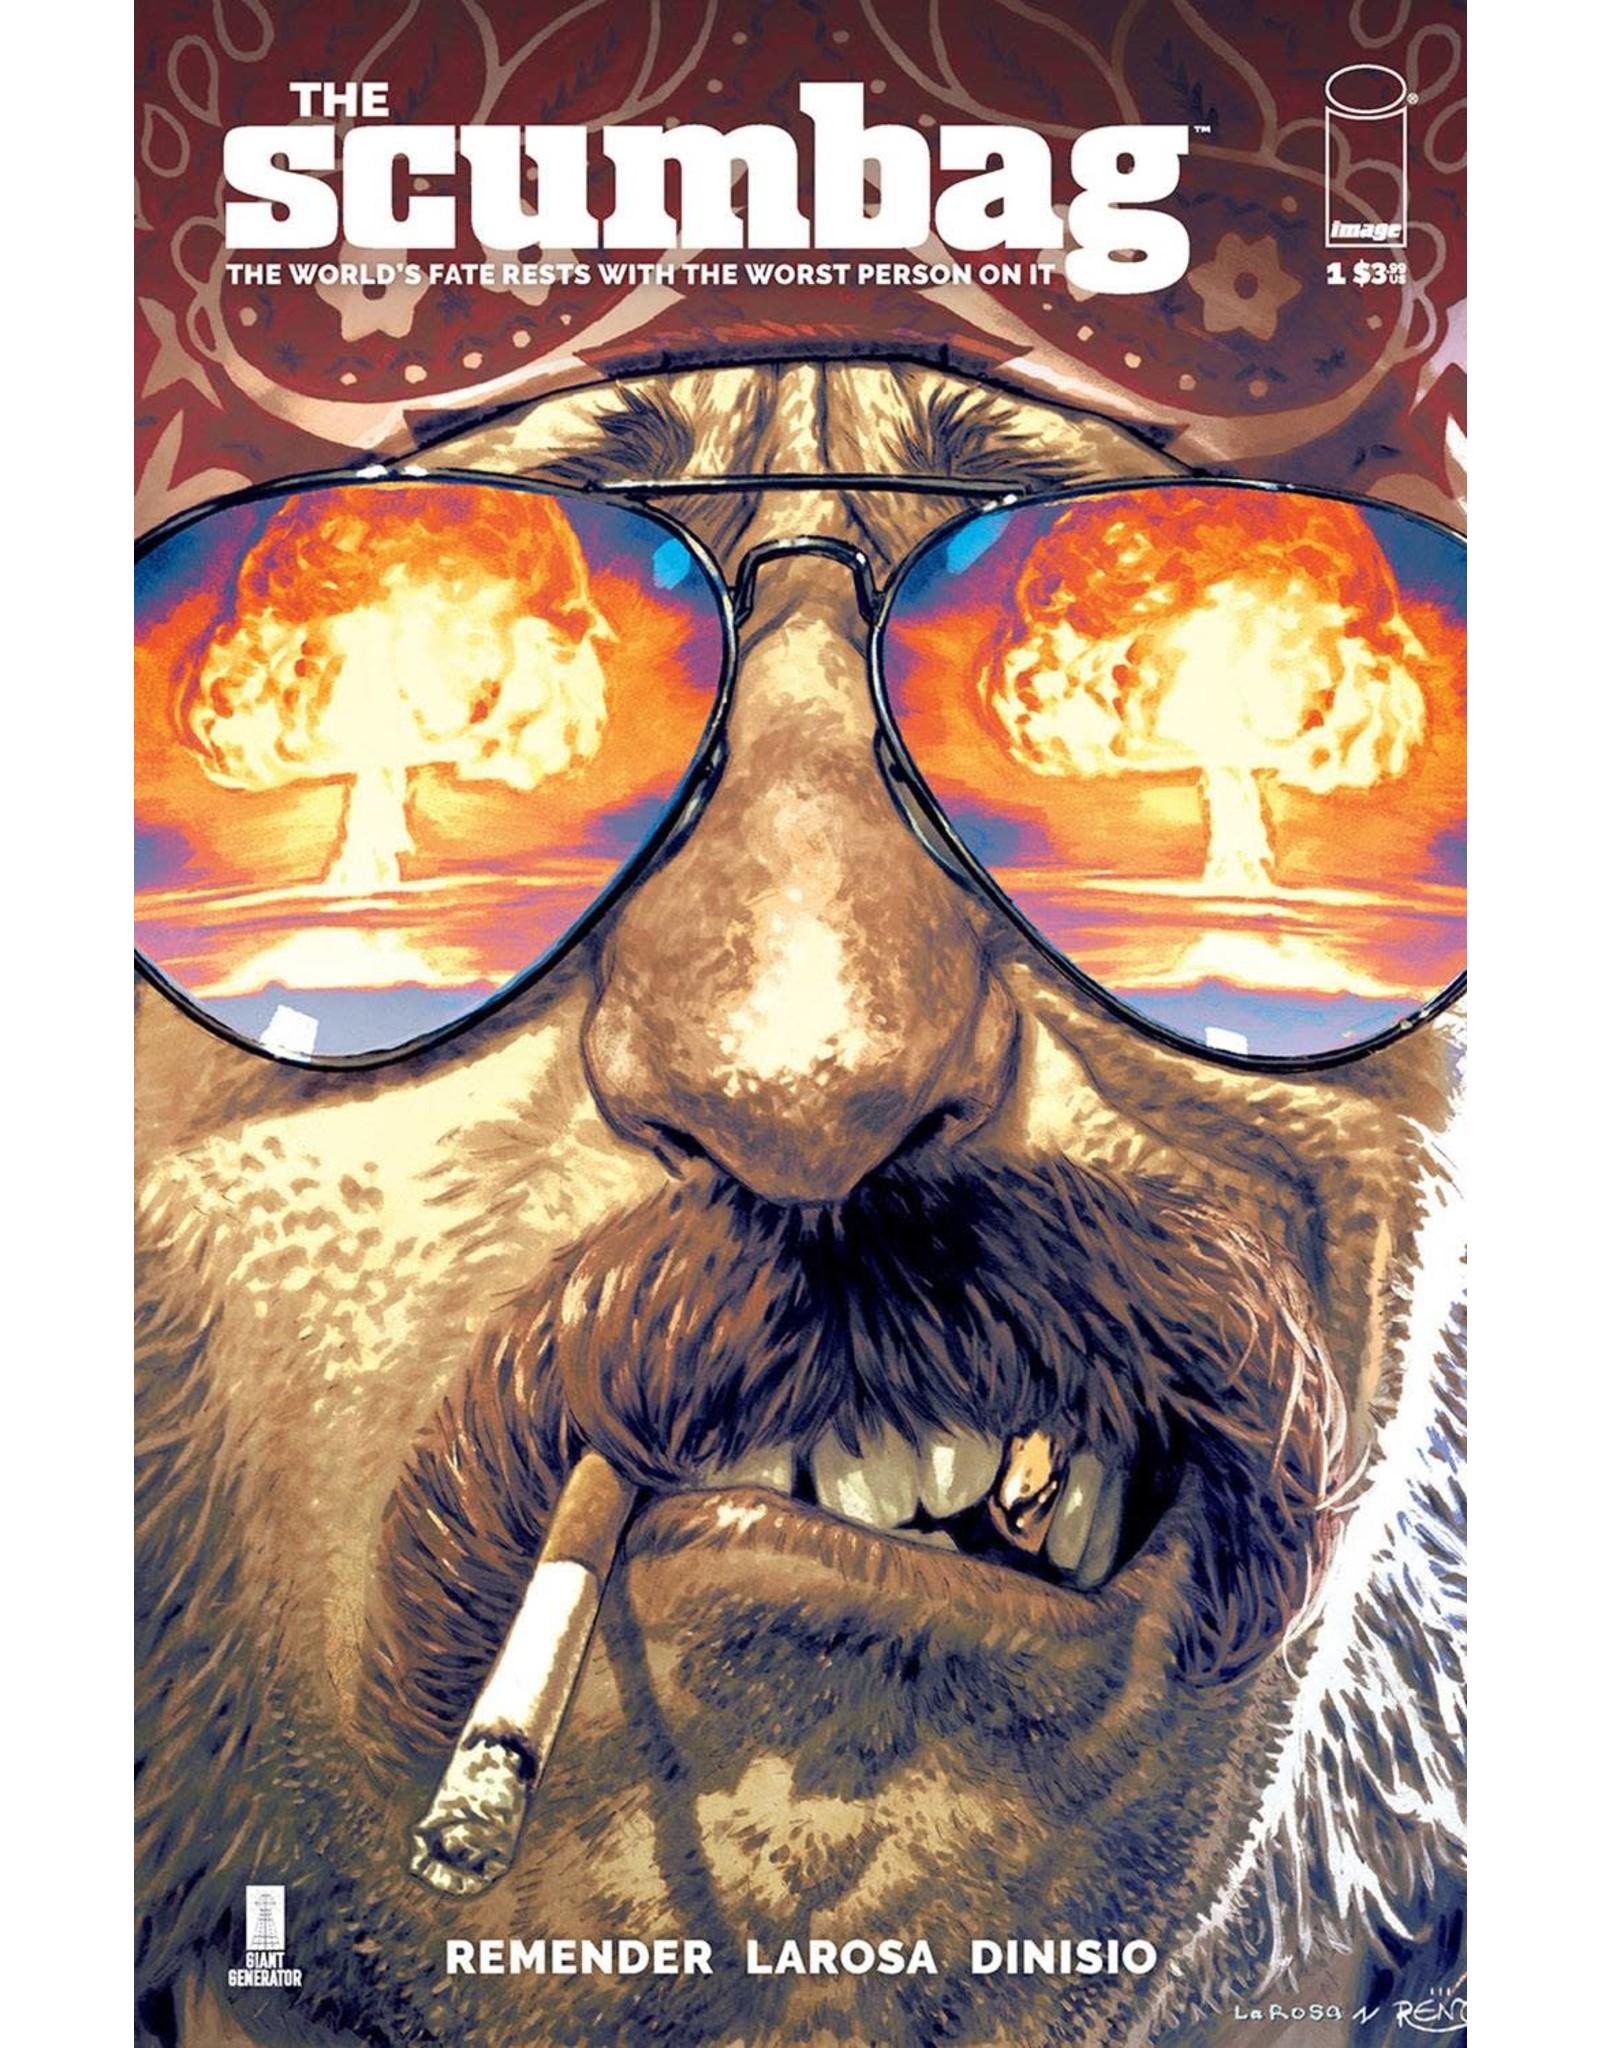 Image Comics SCUMBAG #1 CVR A LAROSA & DINISIO (MR)